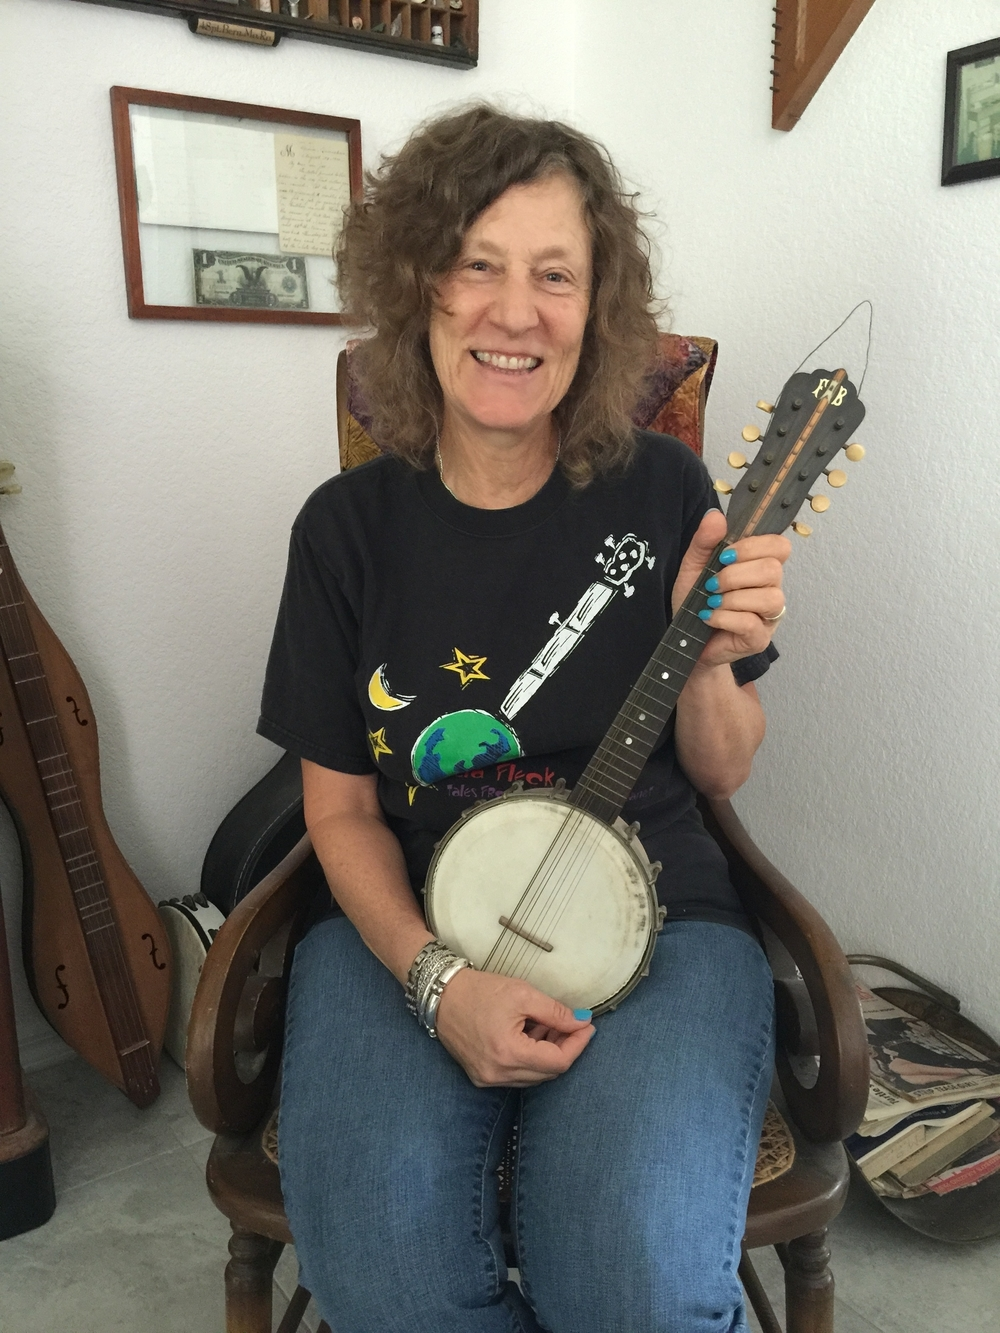 banjopic.JPG